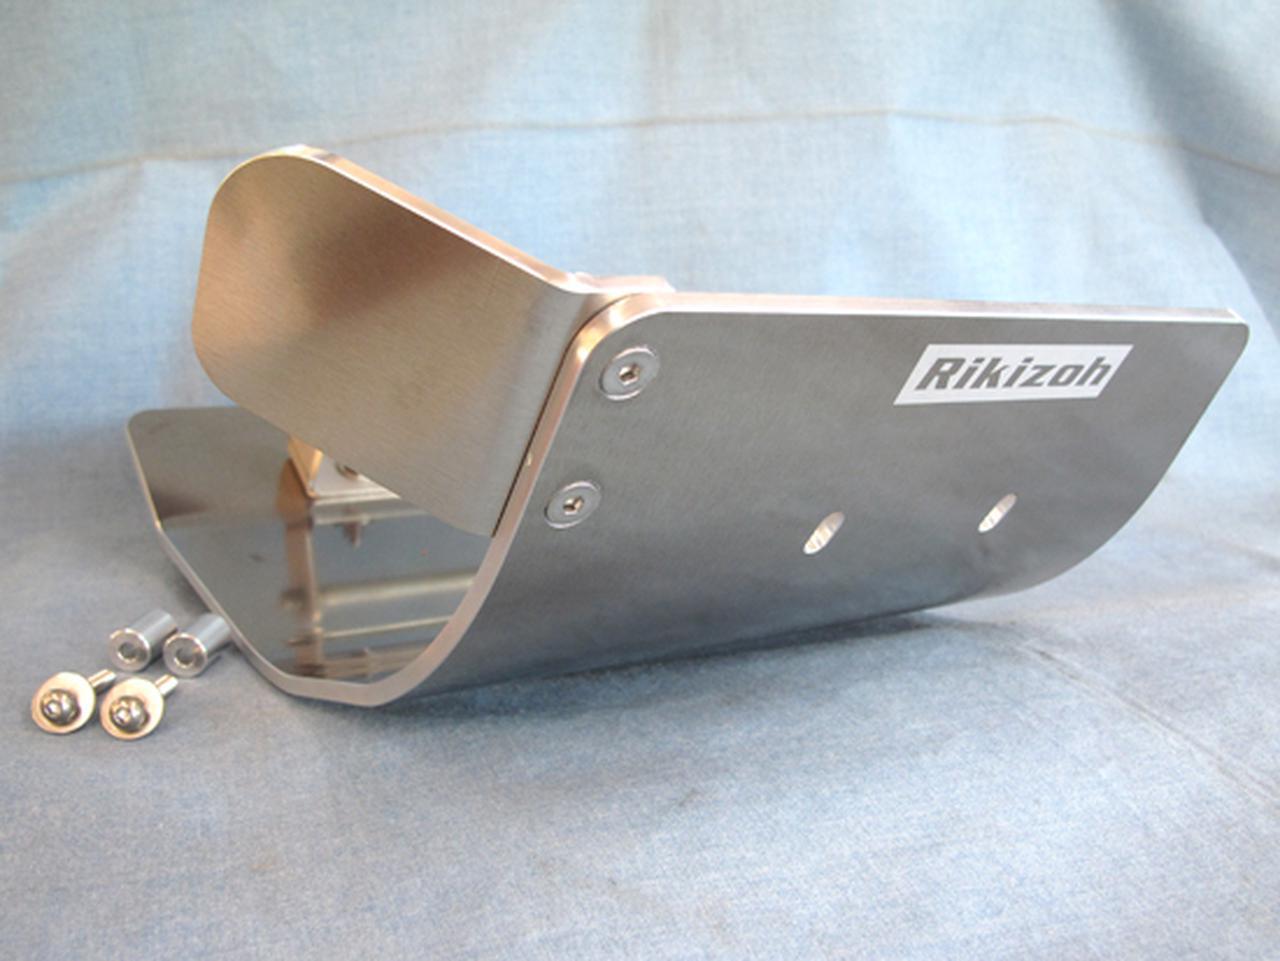 画像: Rikizoh アルミスキッドプレートM TUFF (HONDA CRF250L/M 用) - power-craft ぱわあくらふと